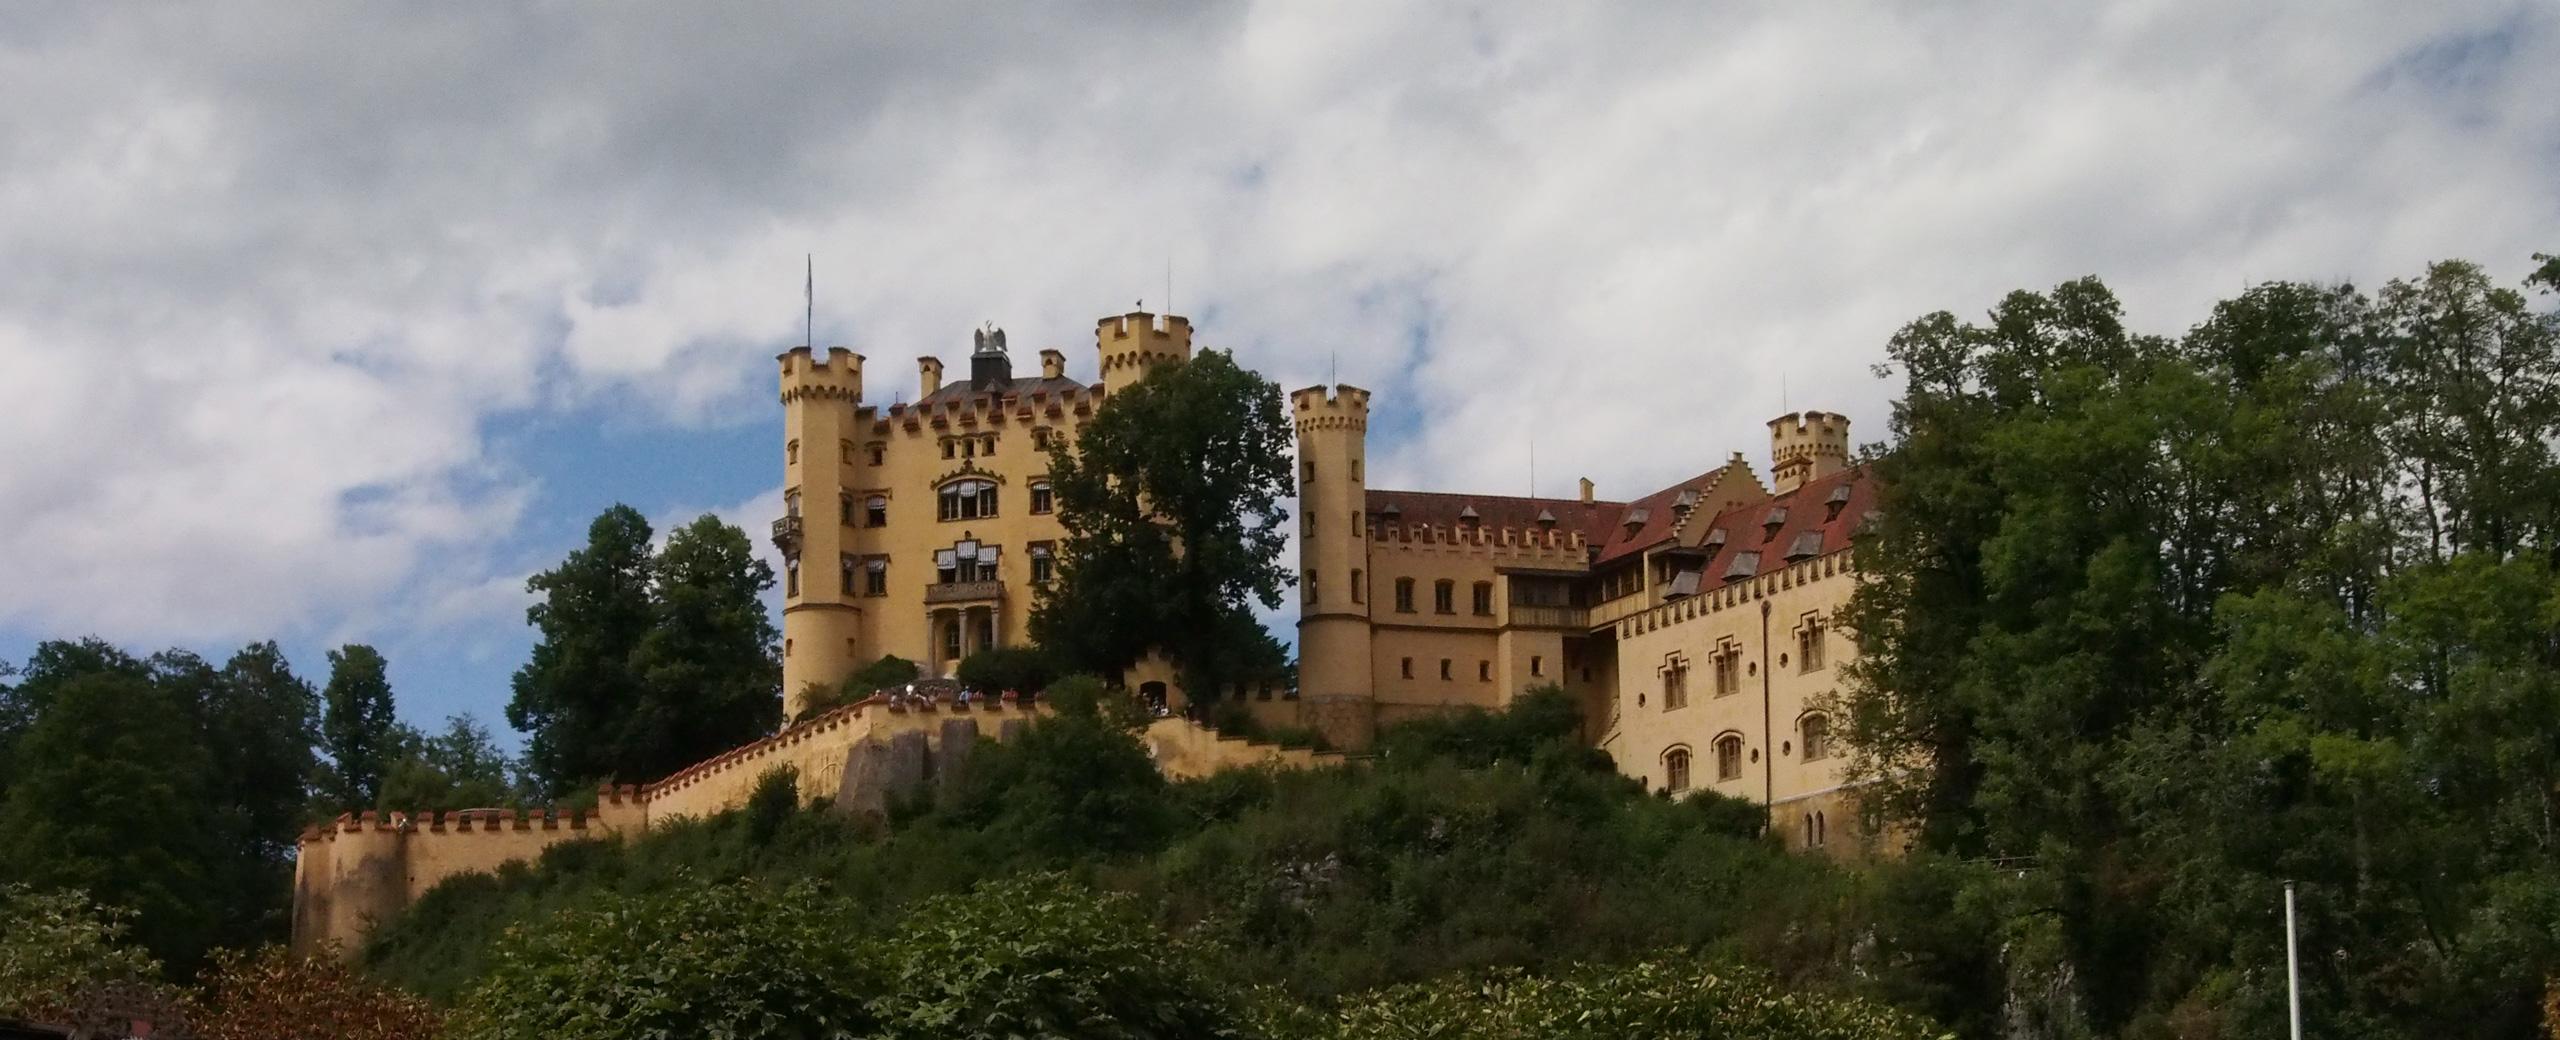 Romantik Yolun Romantik Kaleleri-Hohenschwangau Kalesi-ARABAYLA ROMANTİK YOL#2